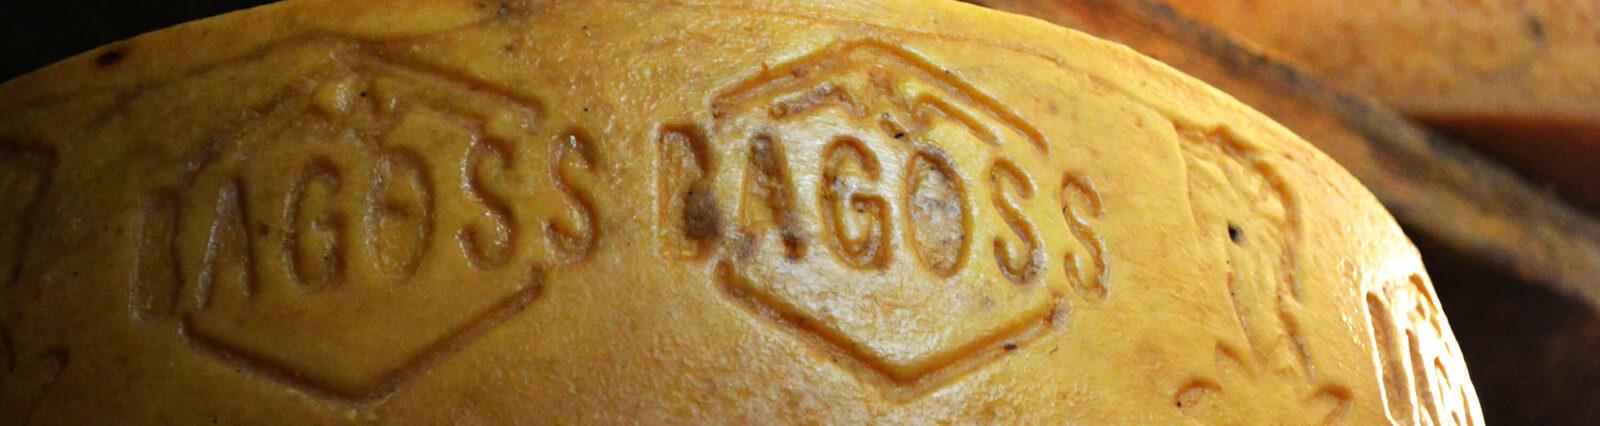 Formaggio Bagòss - Prodotto Tipico di Bagolino